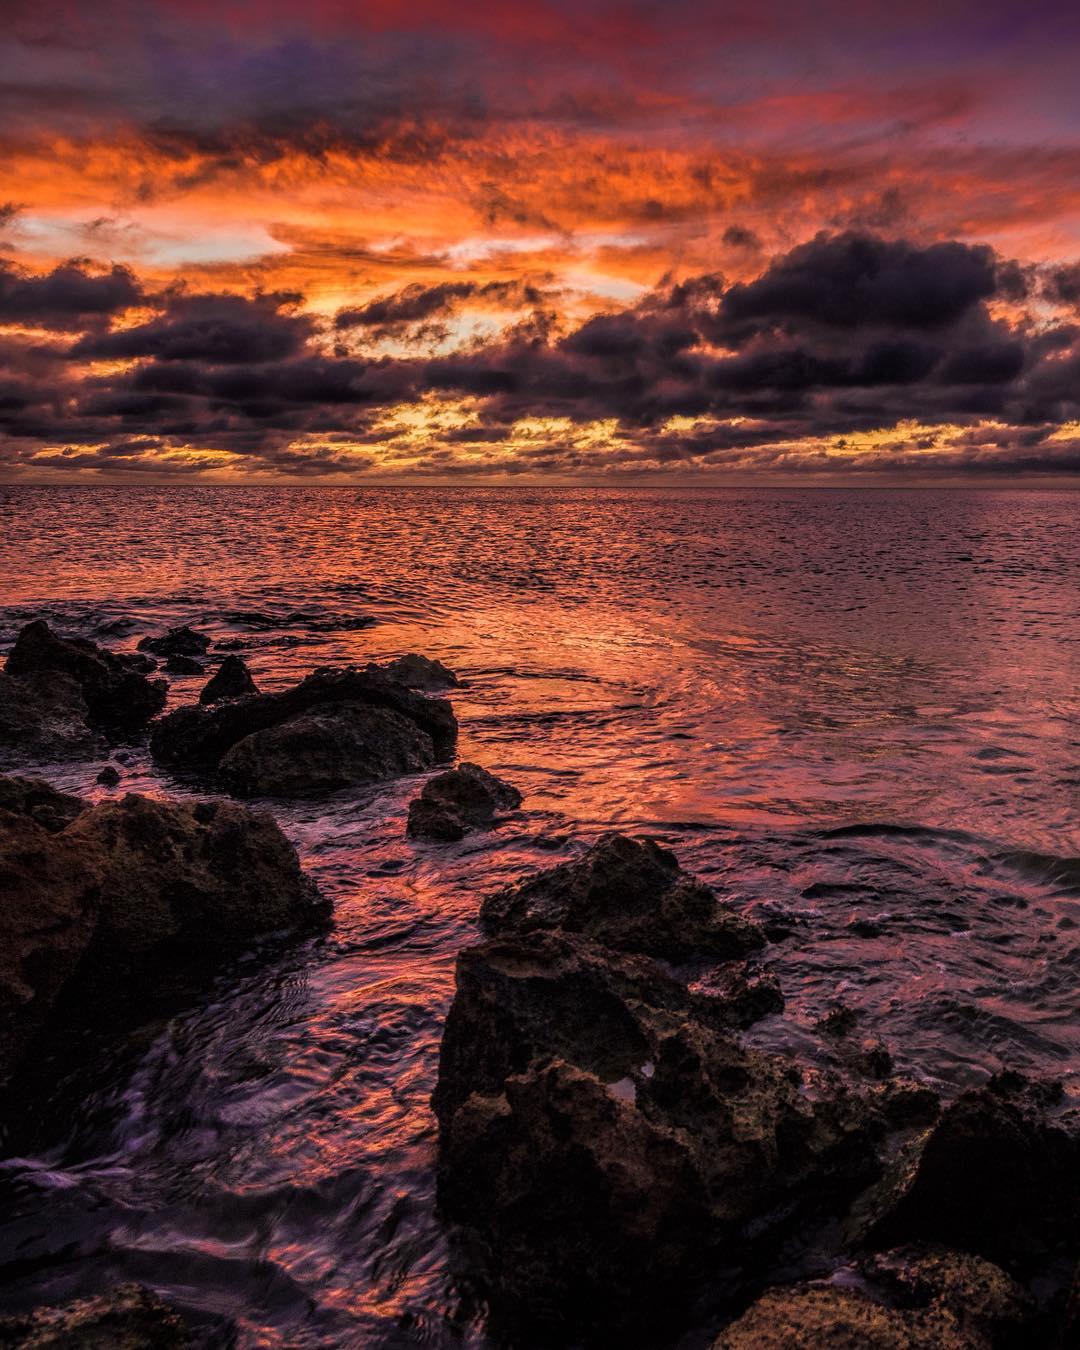 Ночные пейзажи и астрофотографии от Деймона Пауэрса